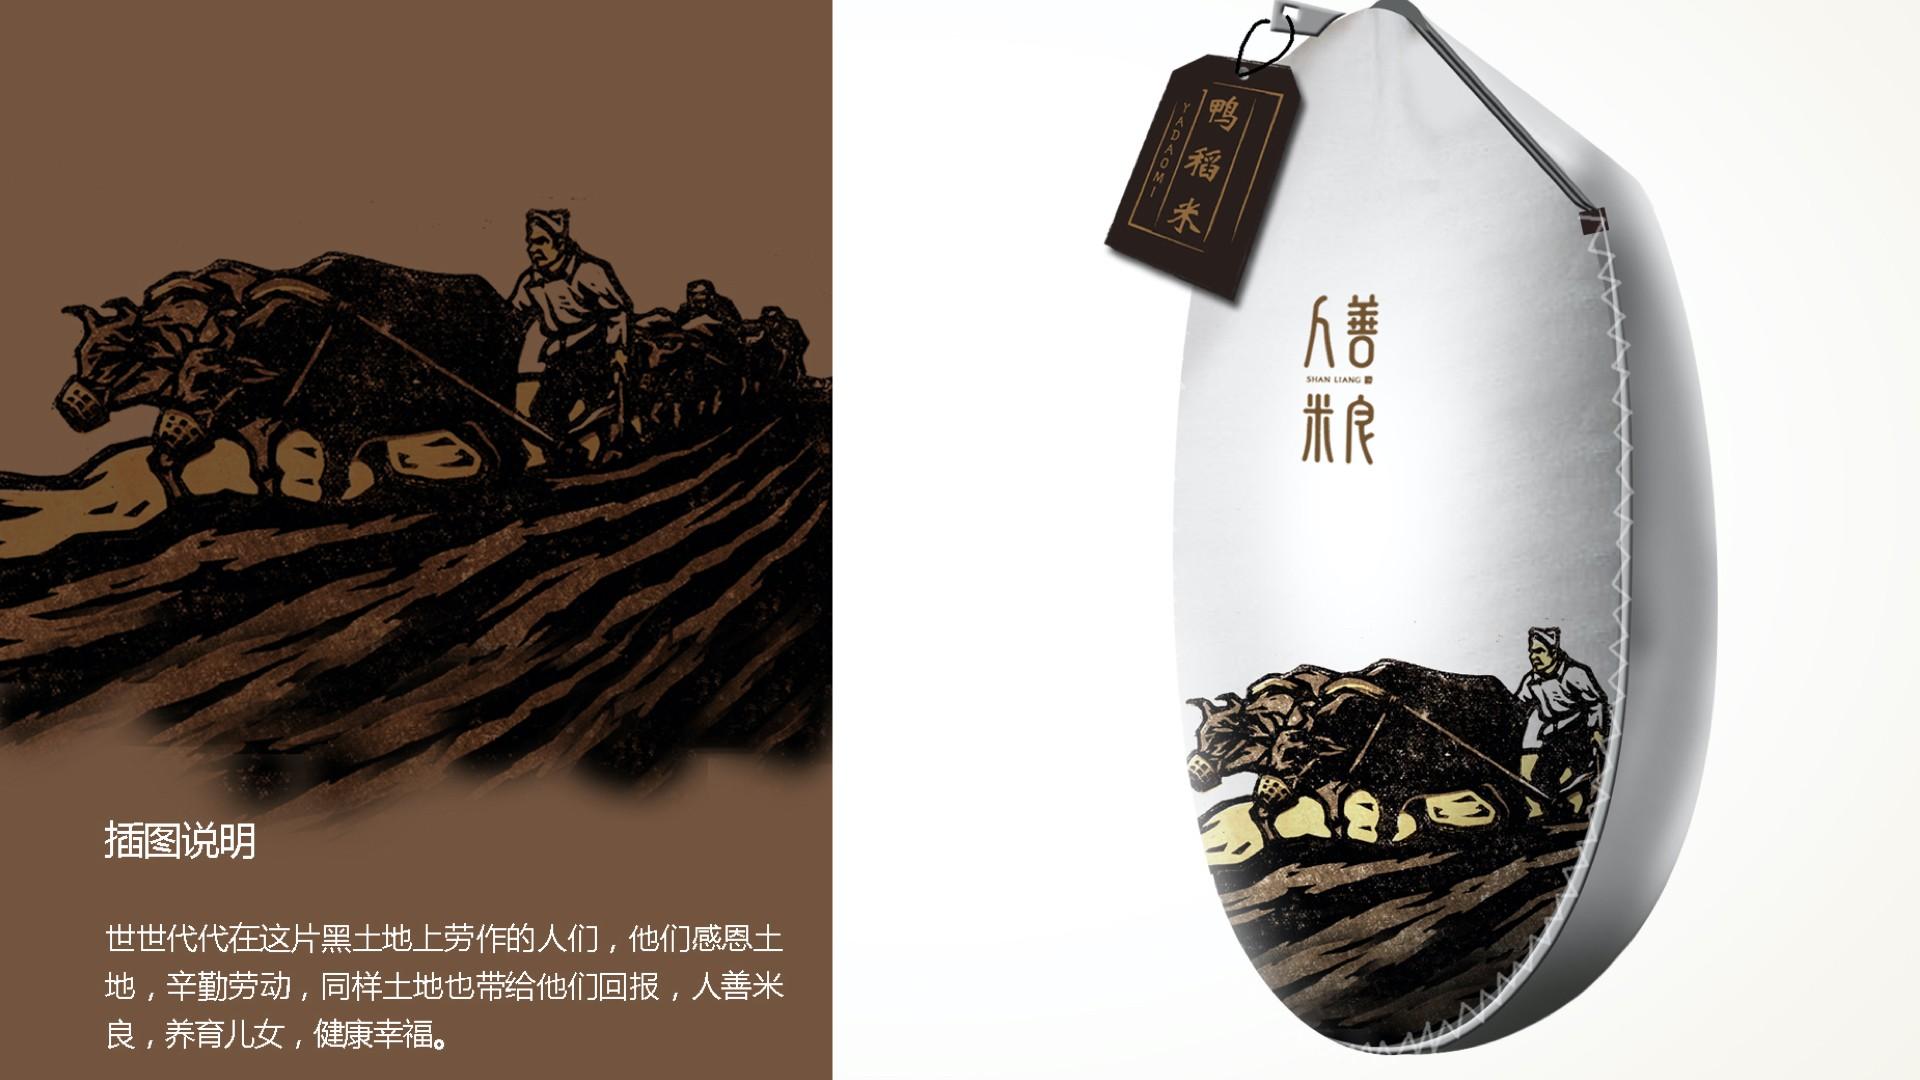 【公司-企业介绍】达岸品牌营销机构20200526.093